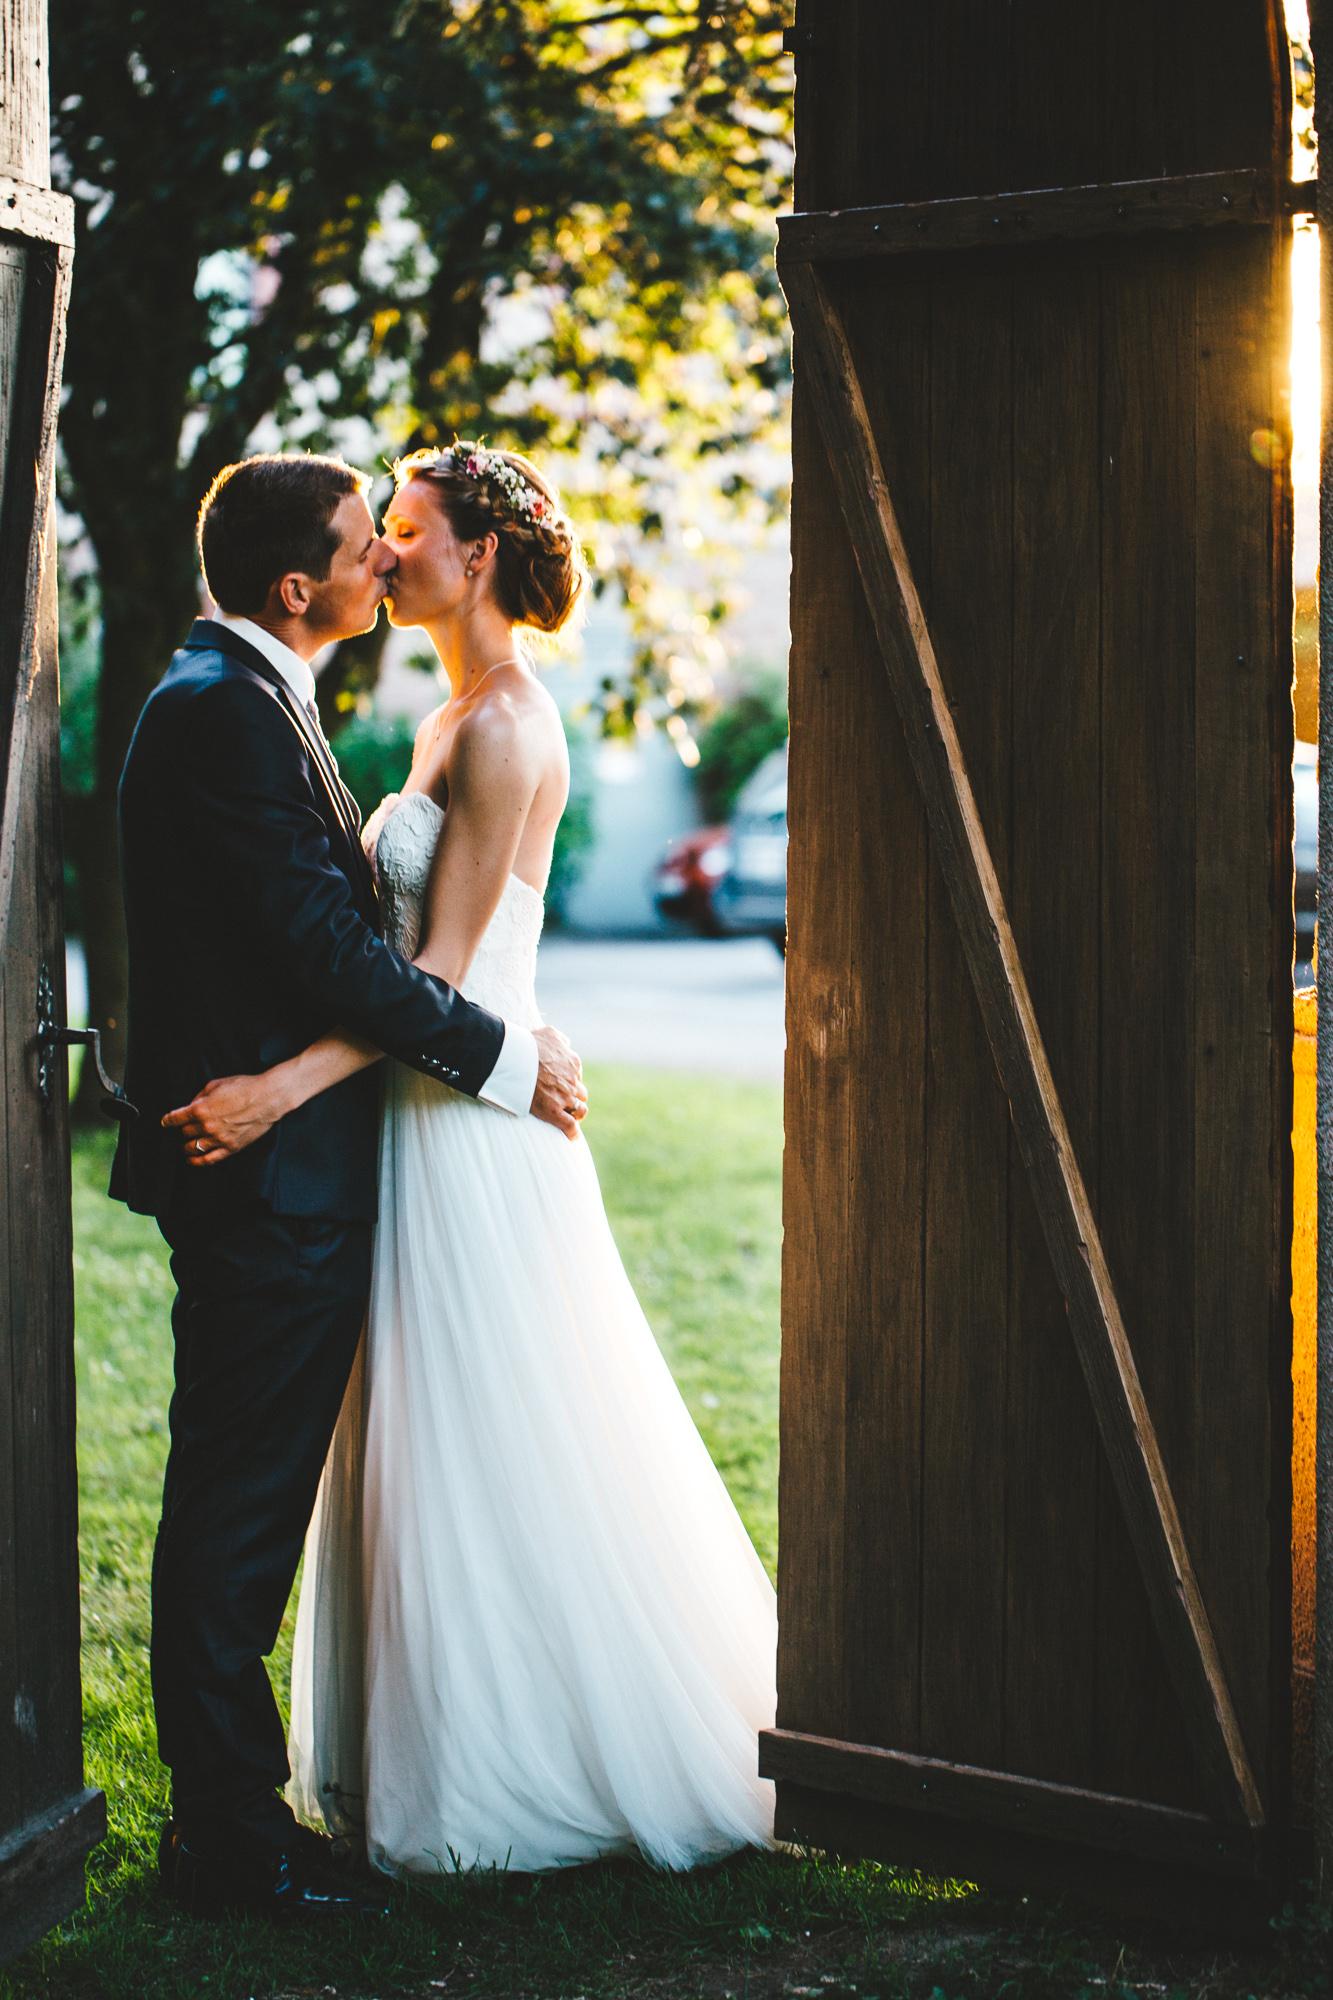 annethomas 398 - Hochzeit im wunderschönen Ladenburg in Eichenstolz